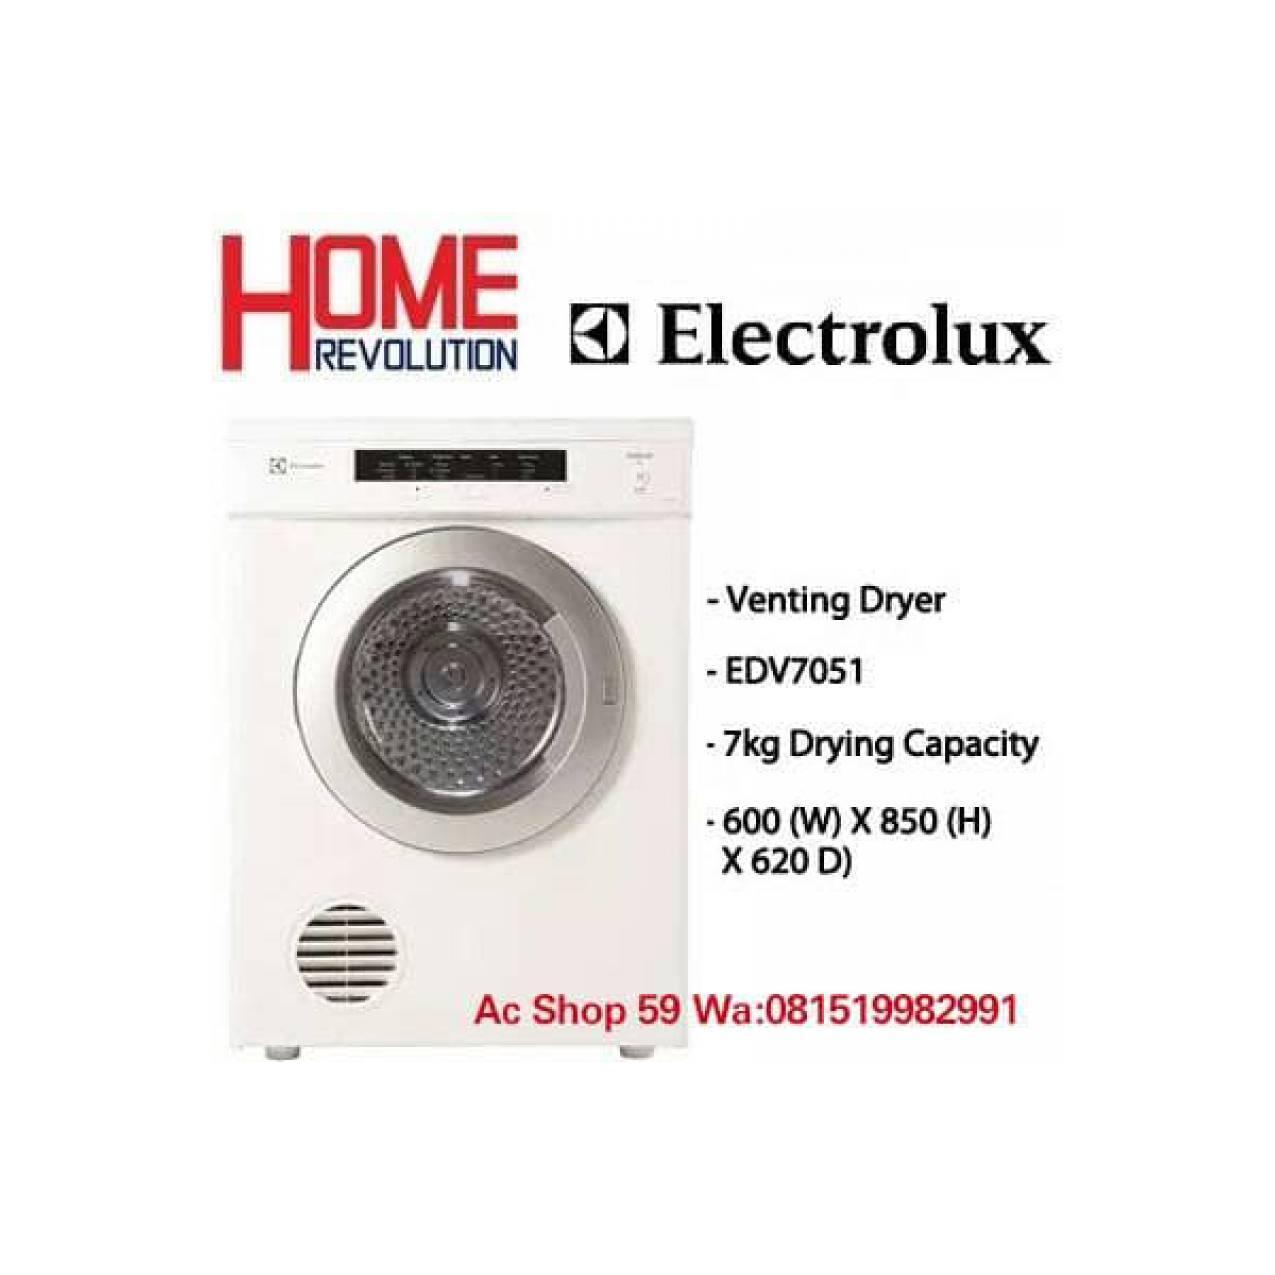 Electrolux Electric Dryer Edv7051 Putih Daftar Harga Terkini Dan Lg Wd P1411d6 10kg Hitam 100 Kering Mesin Cuci Front Loanding 1400rpm Khusus Jabodetabek Rp 12720000